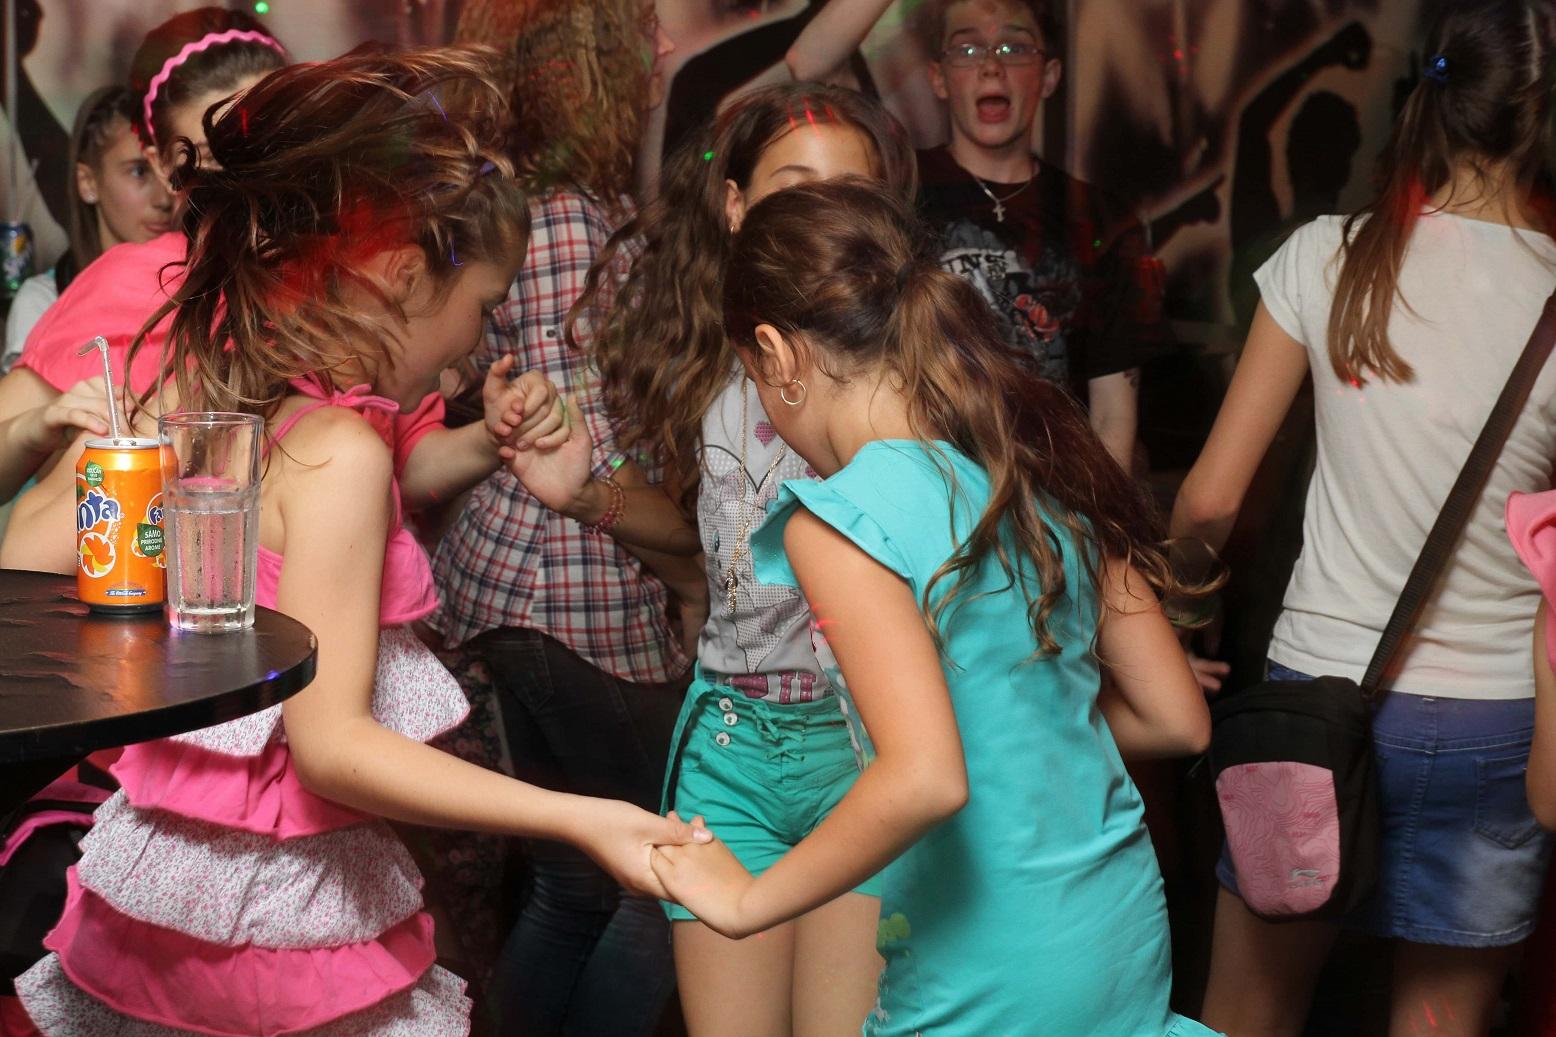 Meninas dançando. Imagem ilustrativa textos formas de arte e brincadeiras com música.